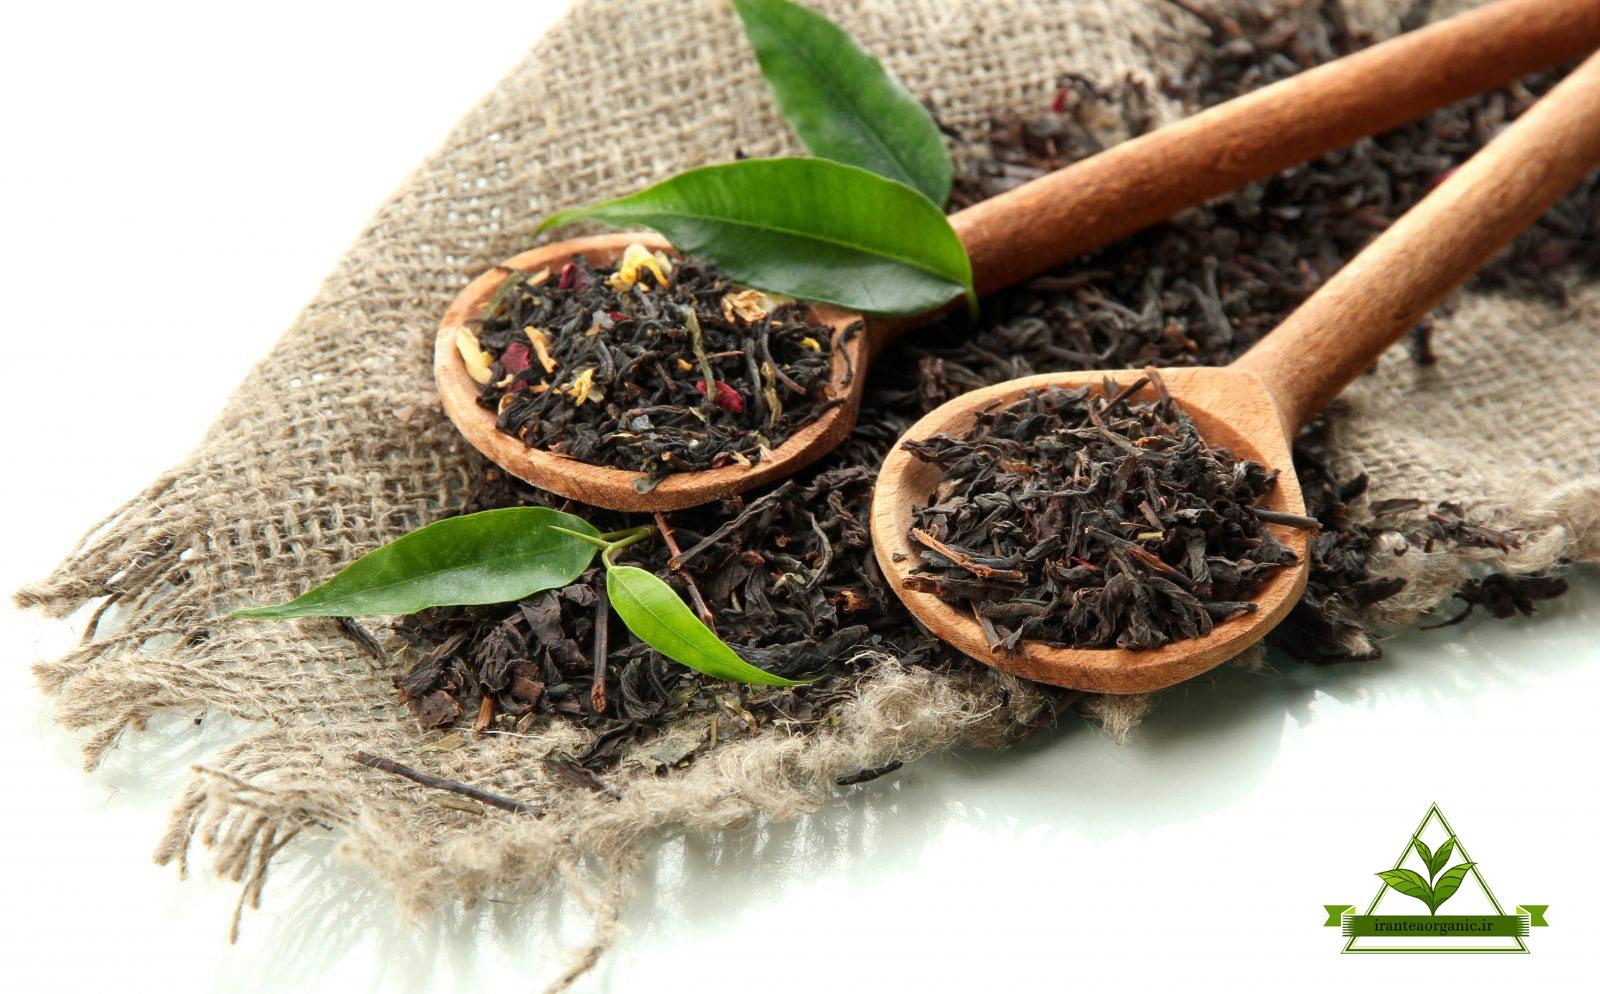 خرید بهترین چای طبیعی لاهیجان